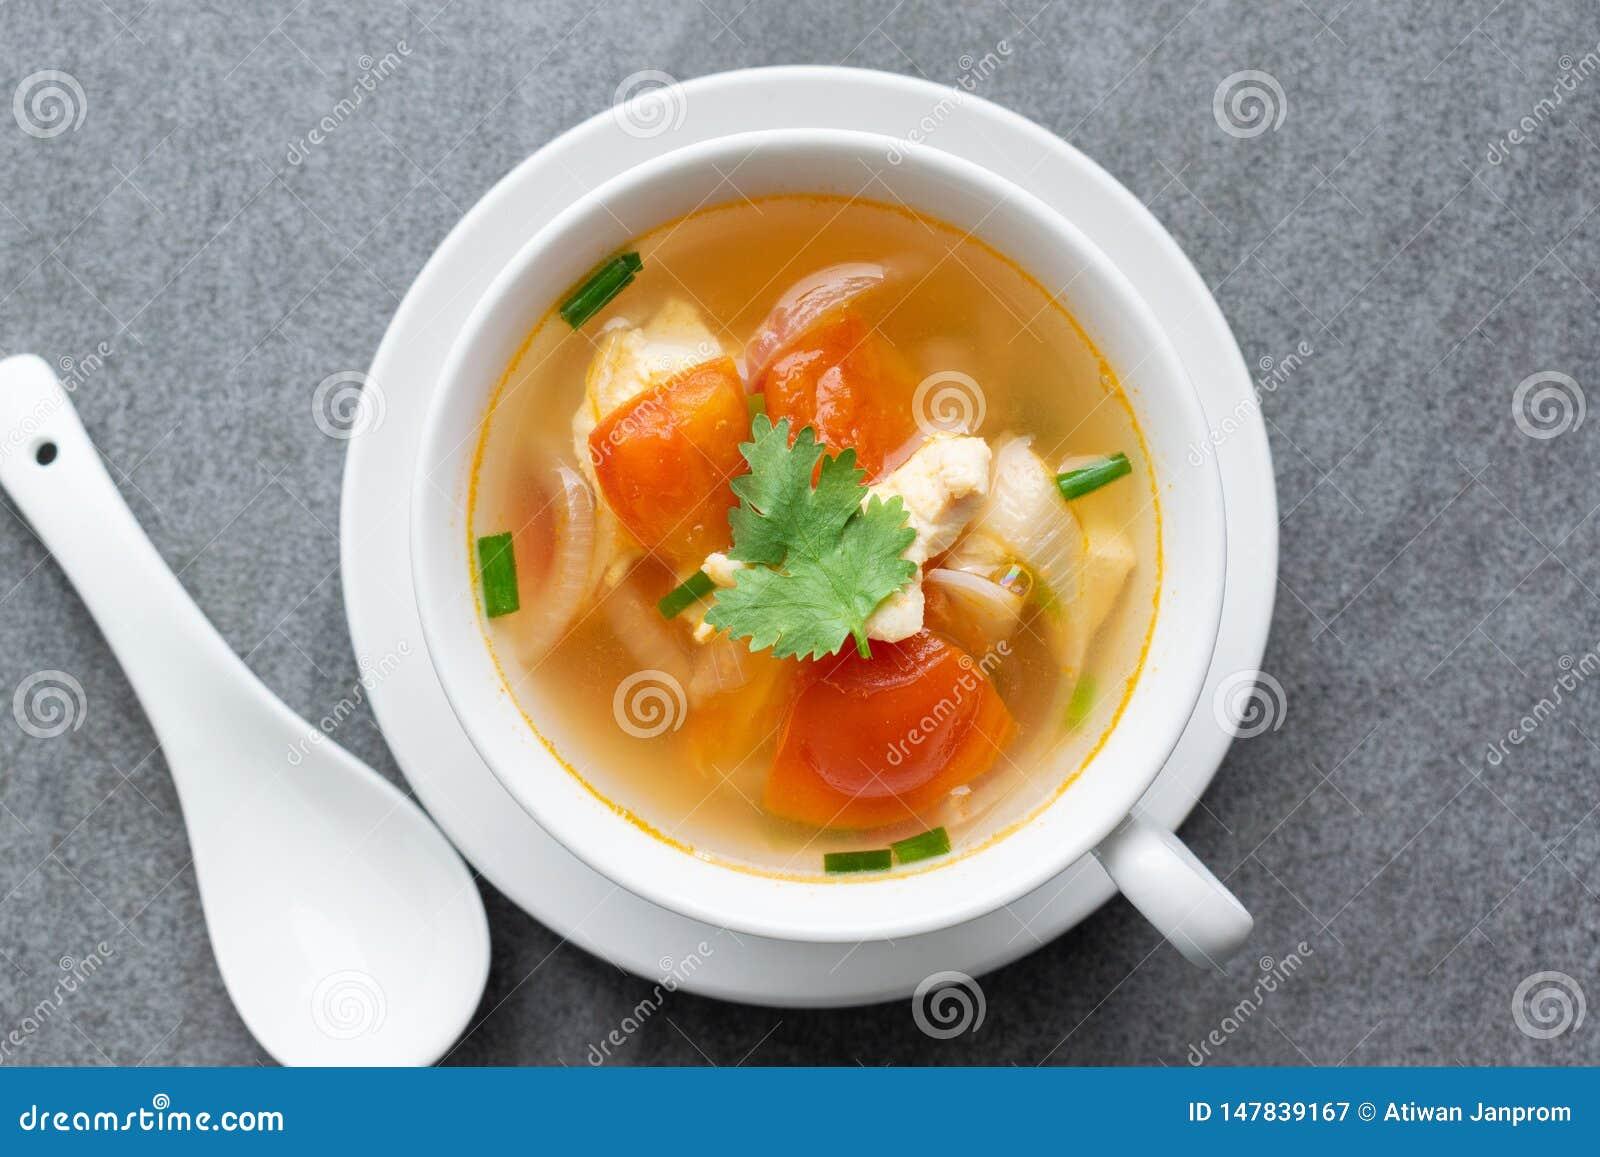 Heißes Suppenhuhn gesund am Morgen auf konkreter Tabelle